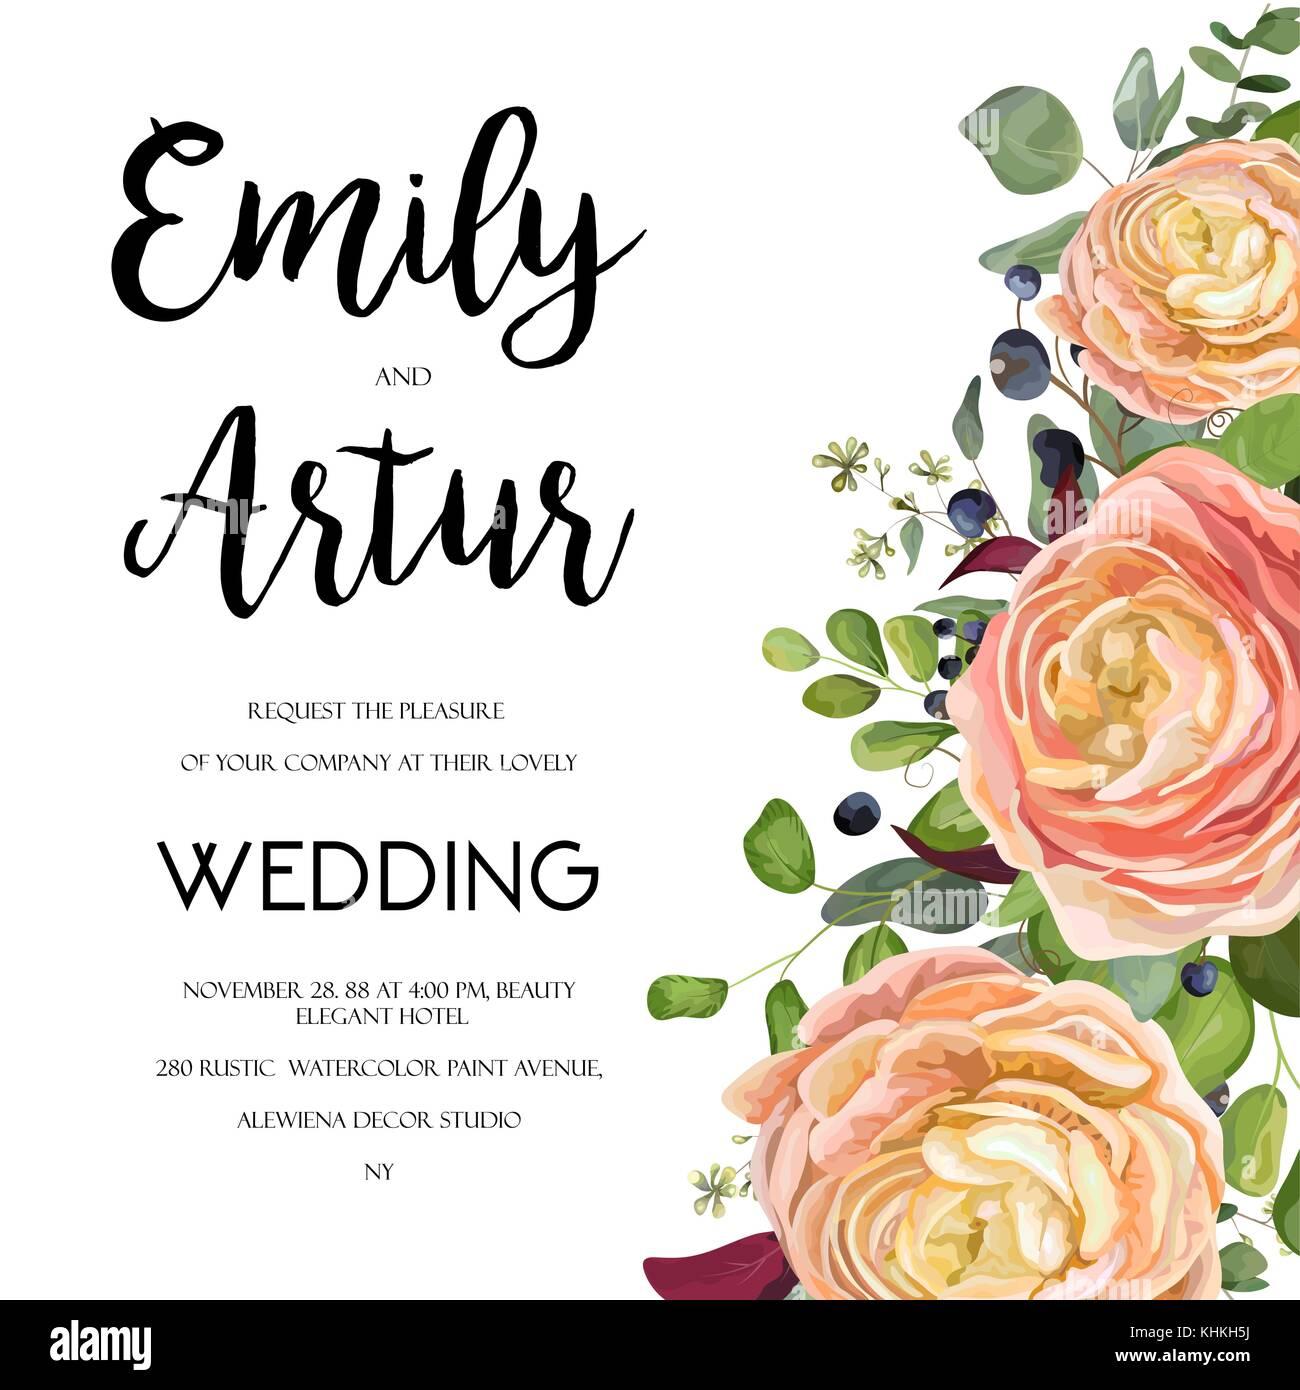 Hochzeit einladung card design mit aquarell hand laden gezeichnet pink peach rose ranunculus blume liguster blue berry eukalyptus farn blatt bouquet l